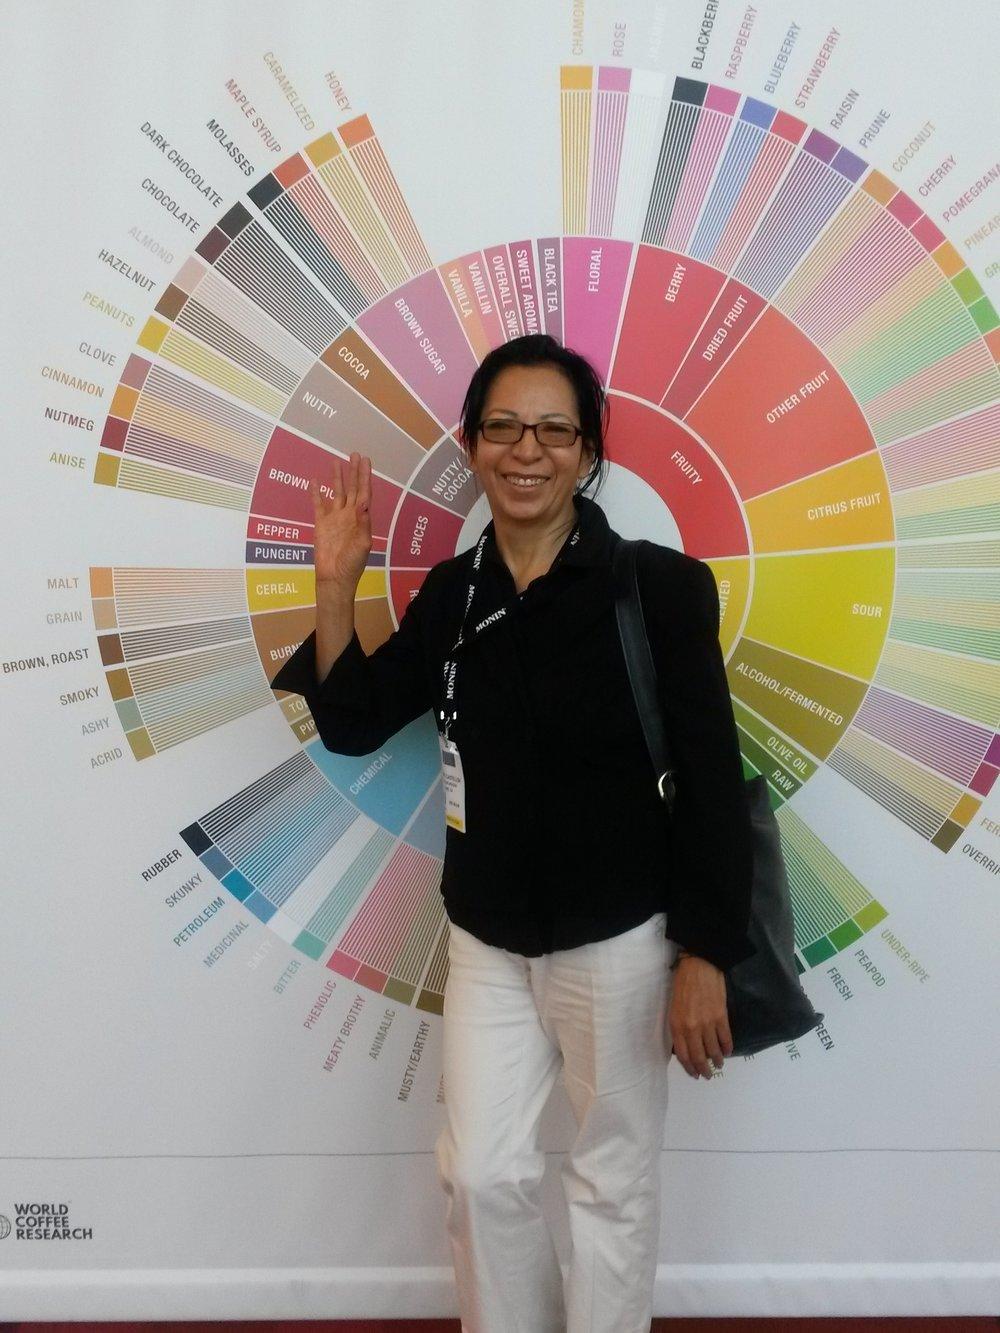 Rosario CastellonNicaragua & Honduras Country Director -